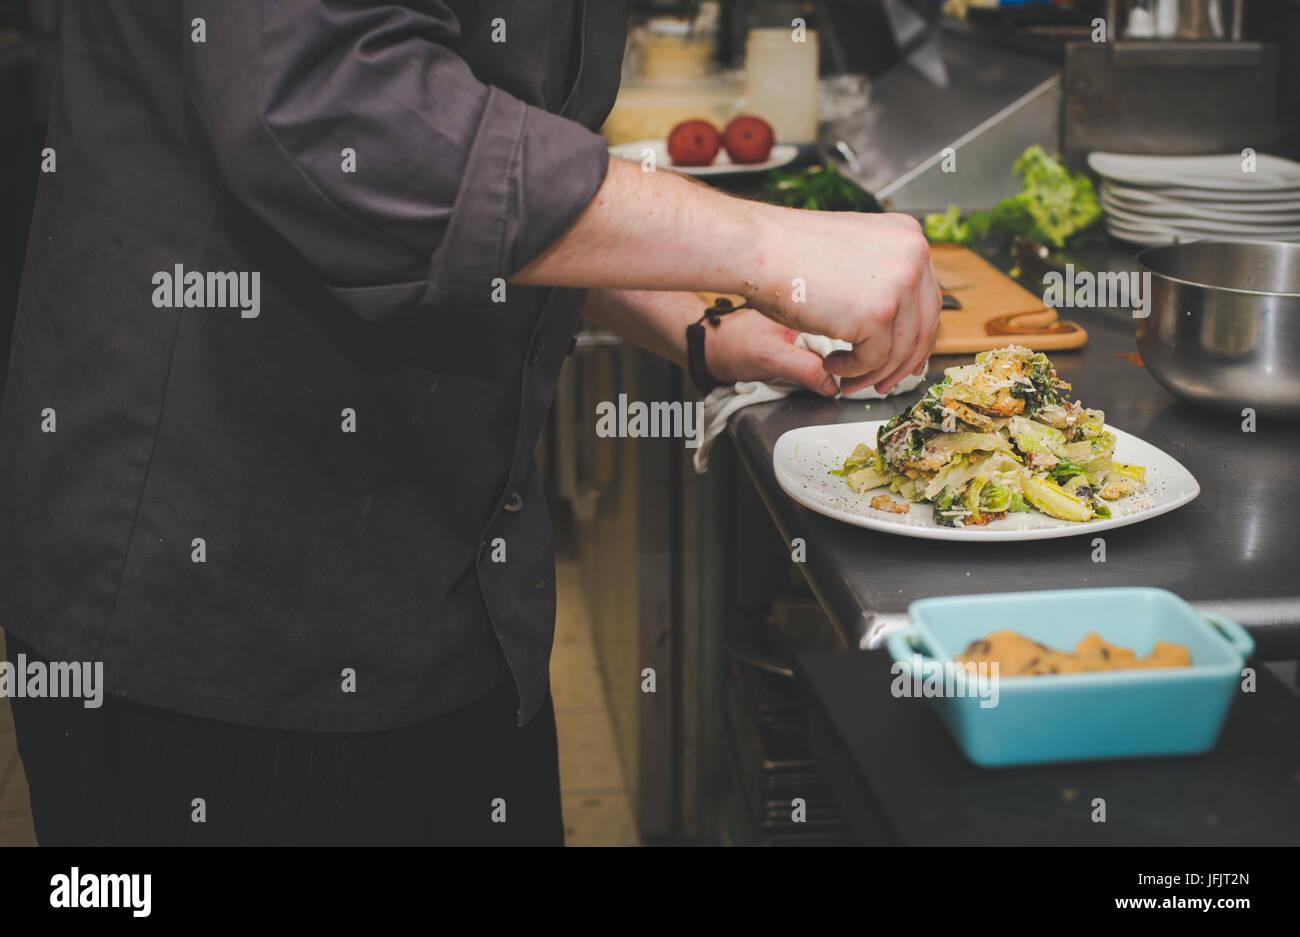 Ein Koch bereitet eine Mahlzeit. Stockfoto